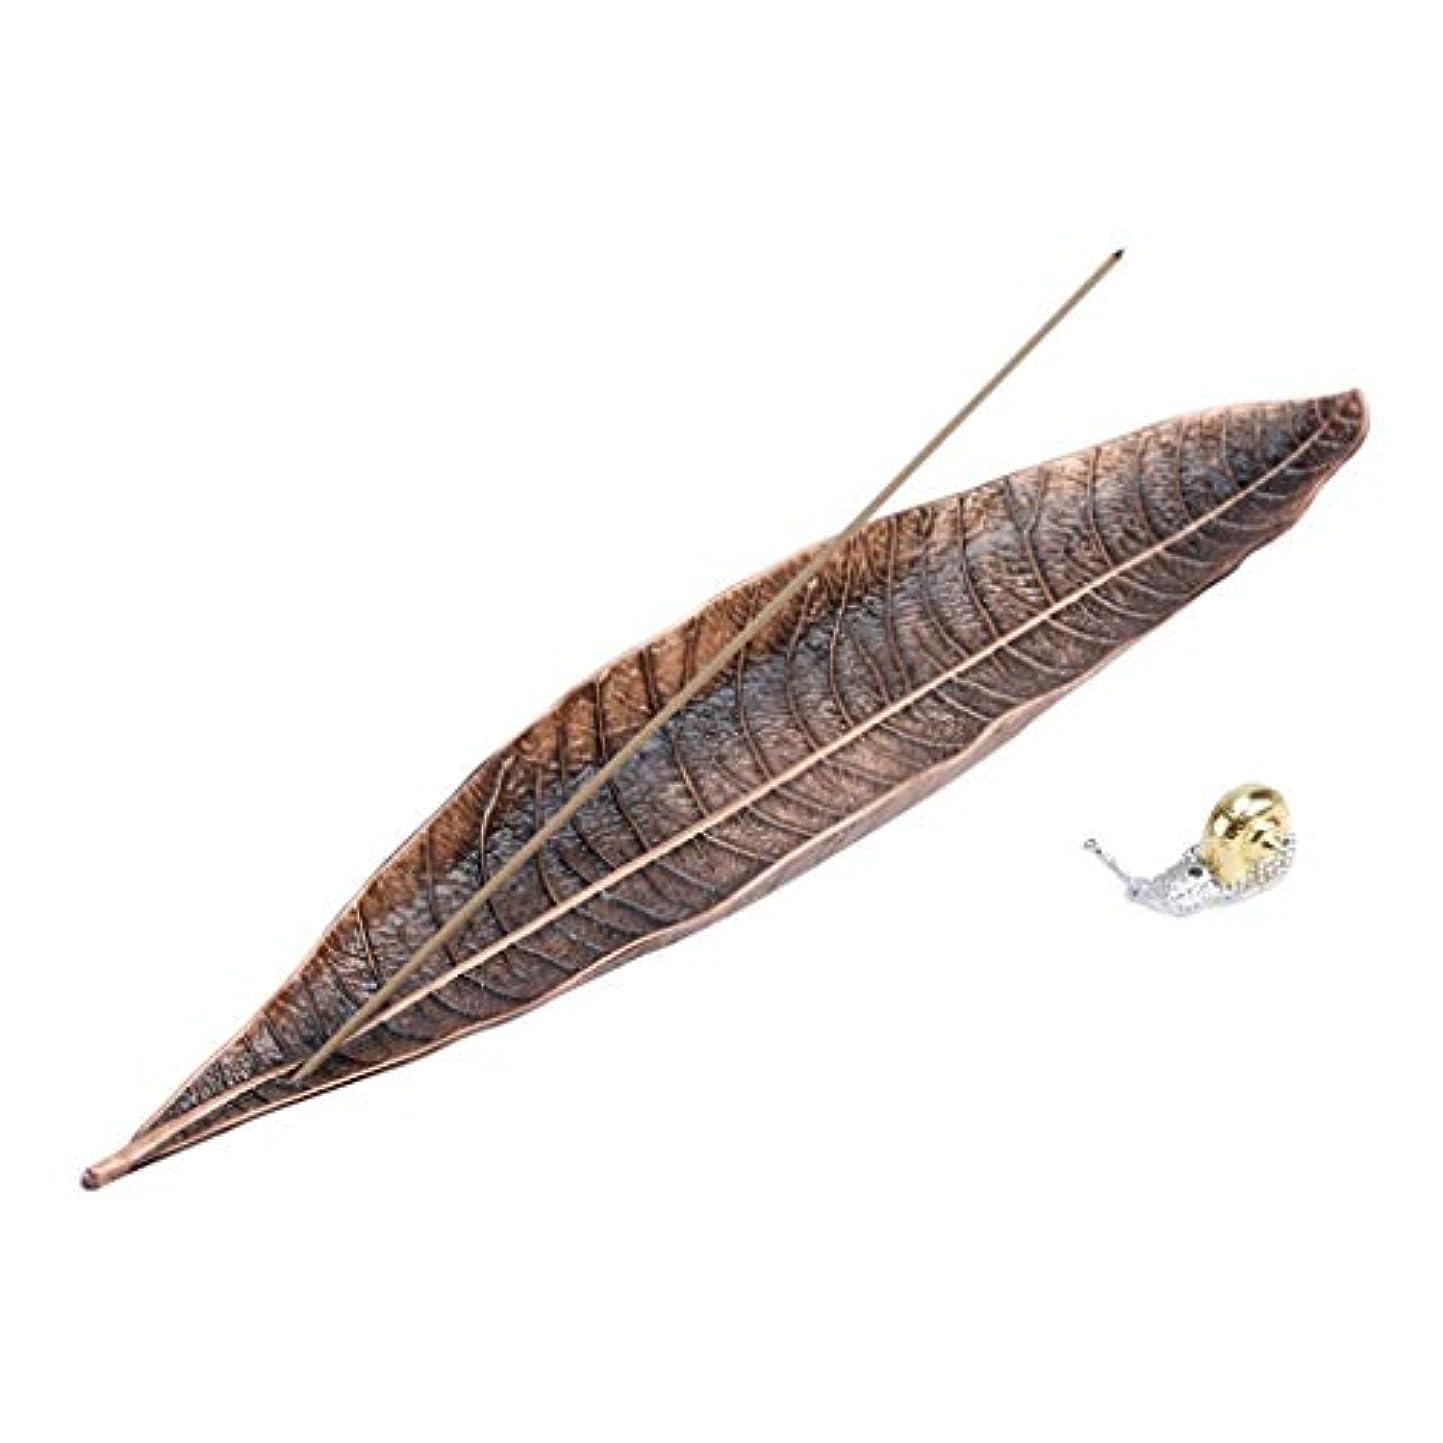 建てる睡眠たらい芳香器?アロマバーナー カタツムリの香の棒のホールダーの家の装飾の付属品が付いている葉の香のホールダーの灰のキャッチャーの長い香バーナー 芳香器?アロマバーナー (Color : A)